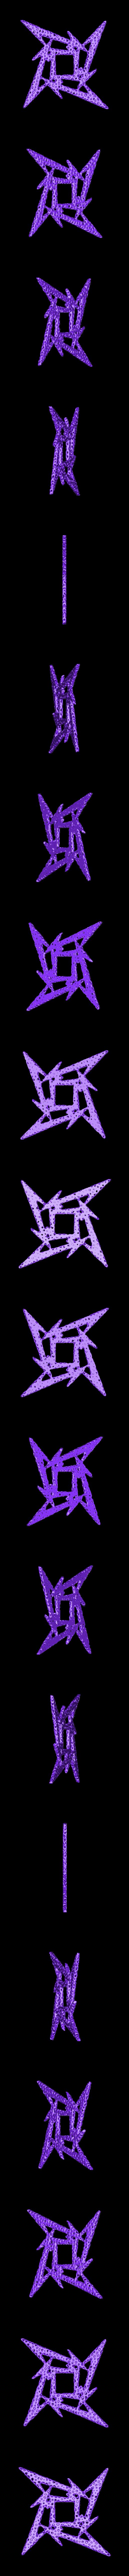 logo_metallica.stl Télécharger fichier STL gratuit Voronoi MetallicA logo • Plan pour imprimante 3D, 3dlito